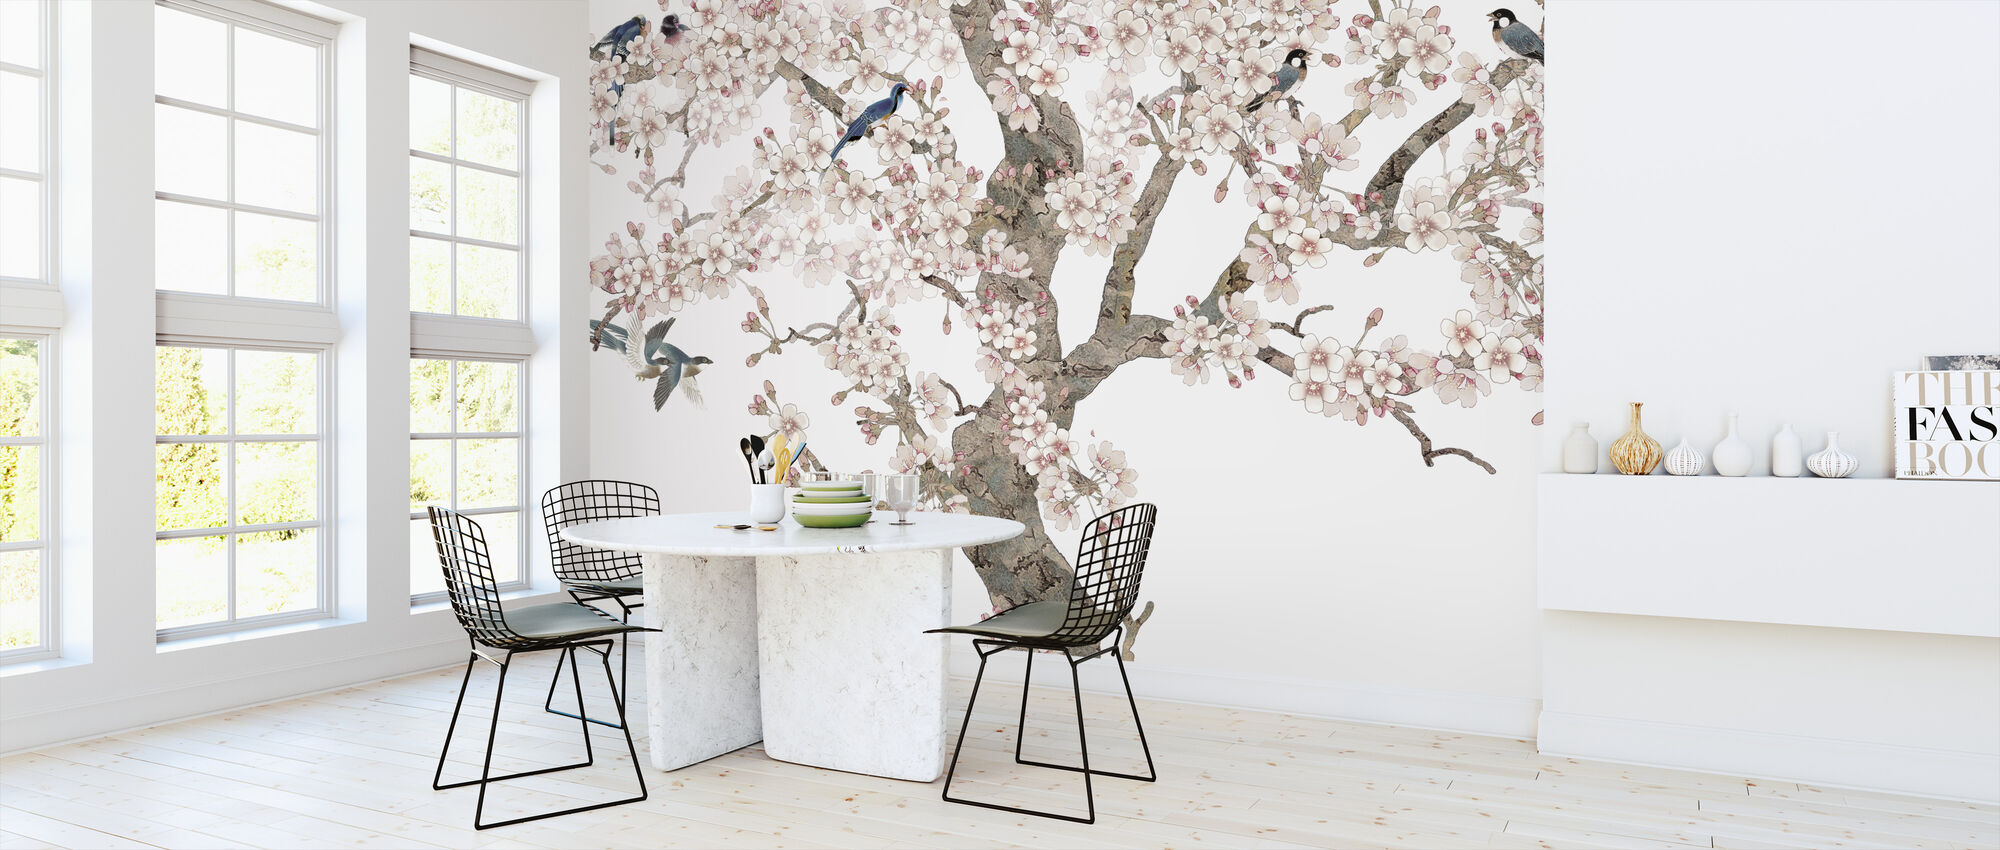 Doux Vogels Thuis - Behang - Keuken